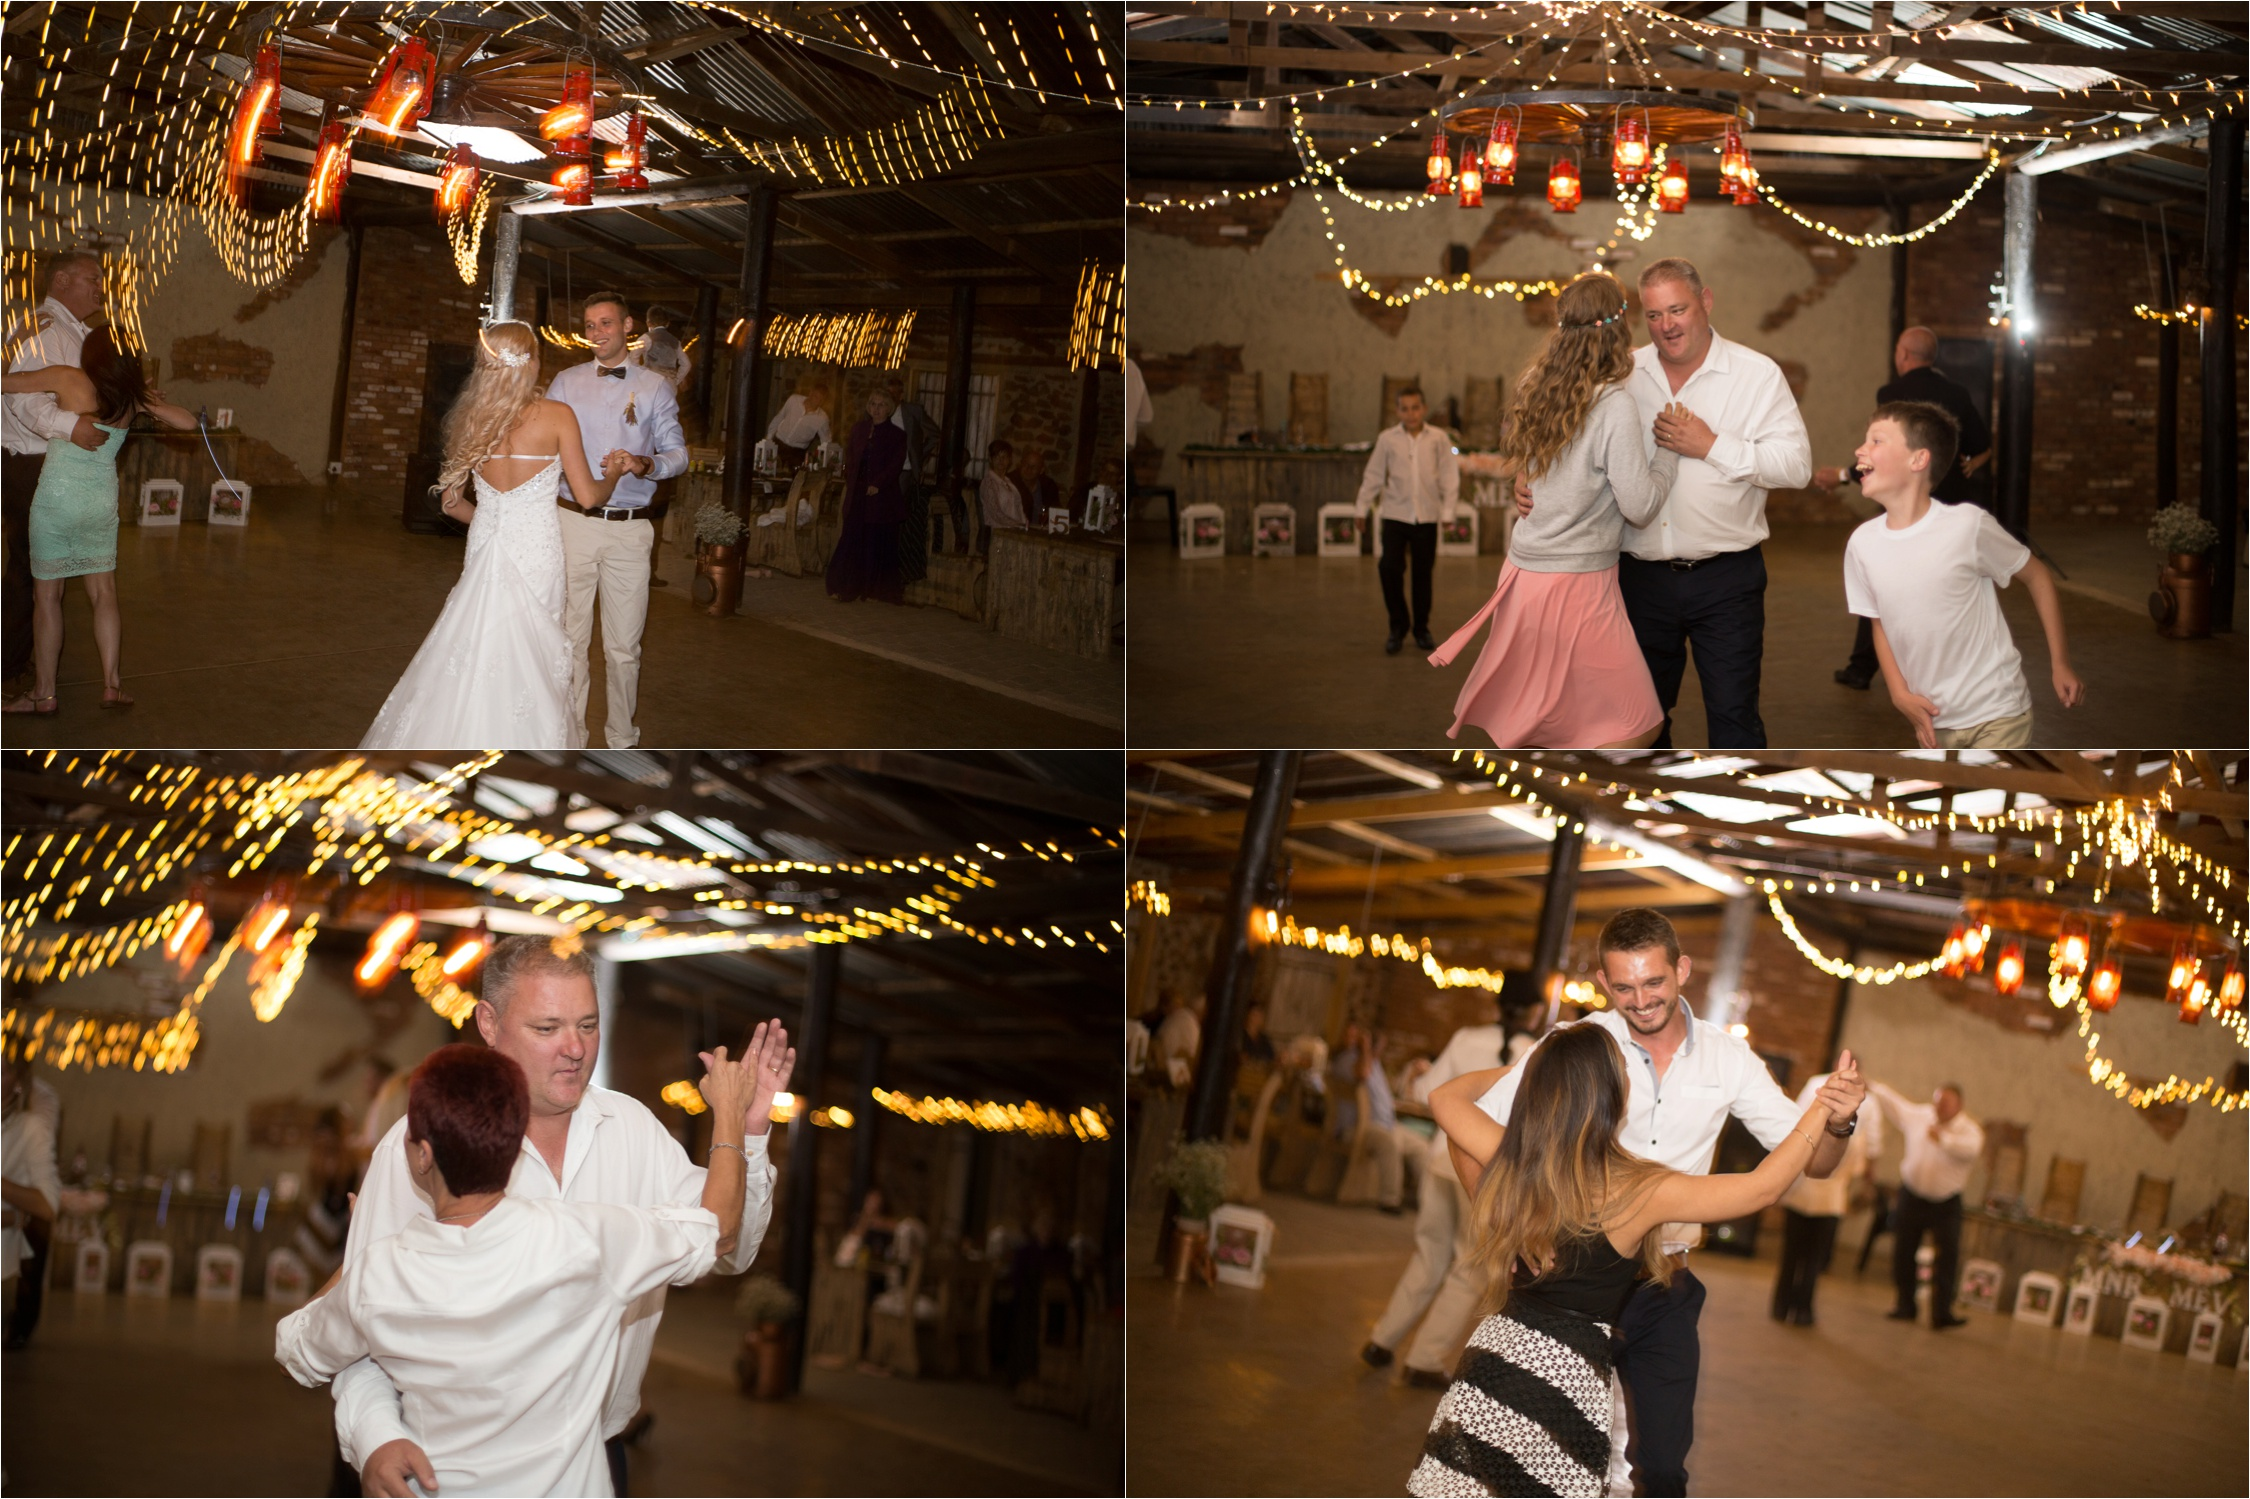 Die_Waenhuiskraal_wedding_Alicia_Dwayne_84